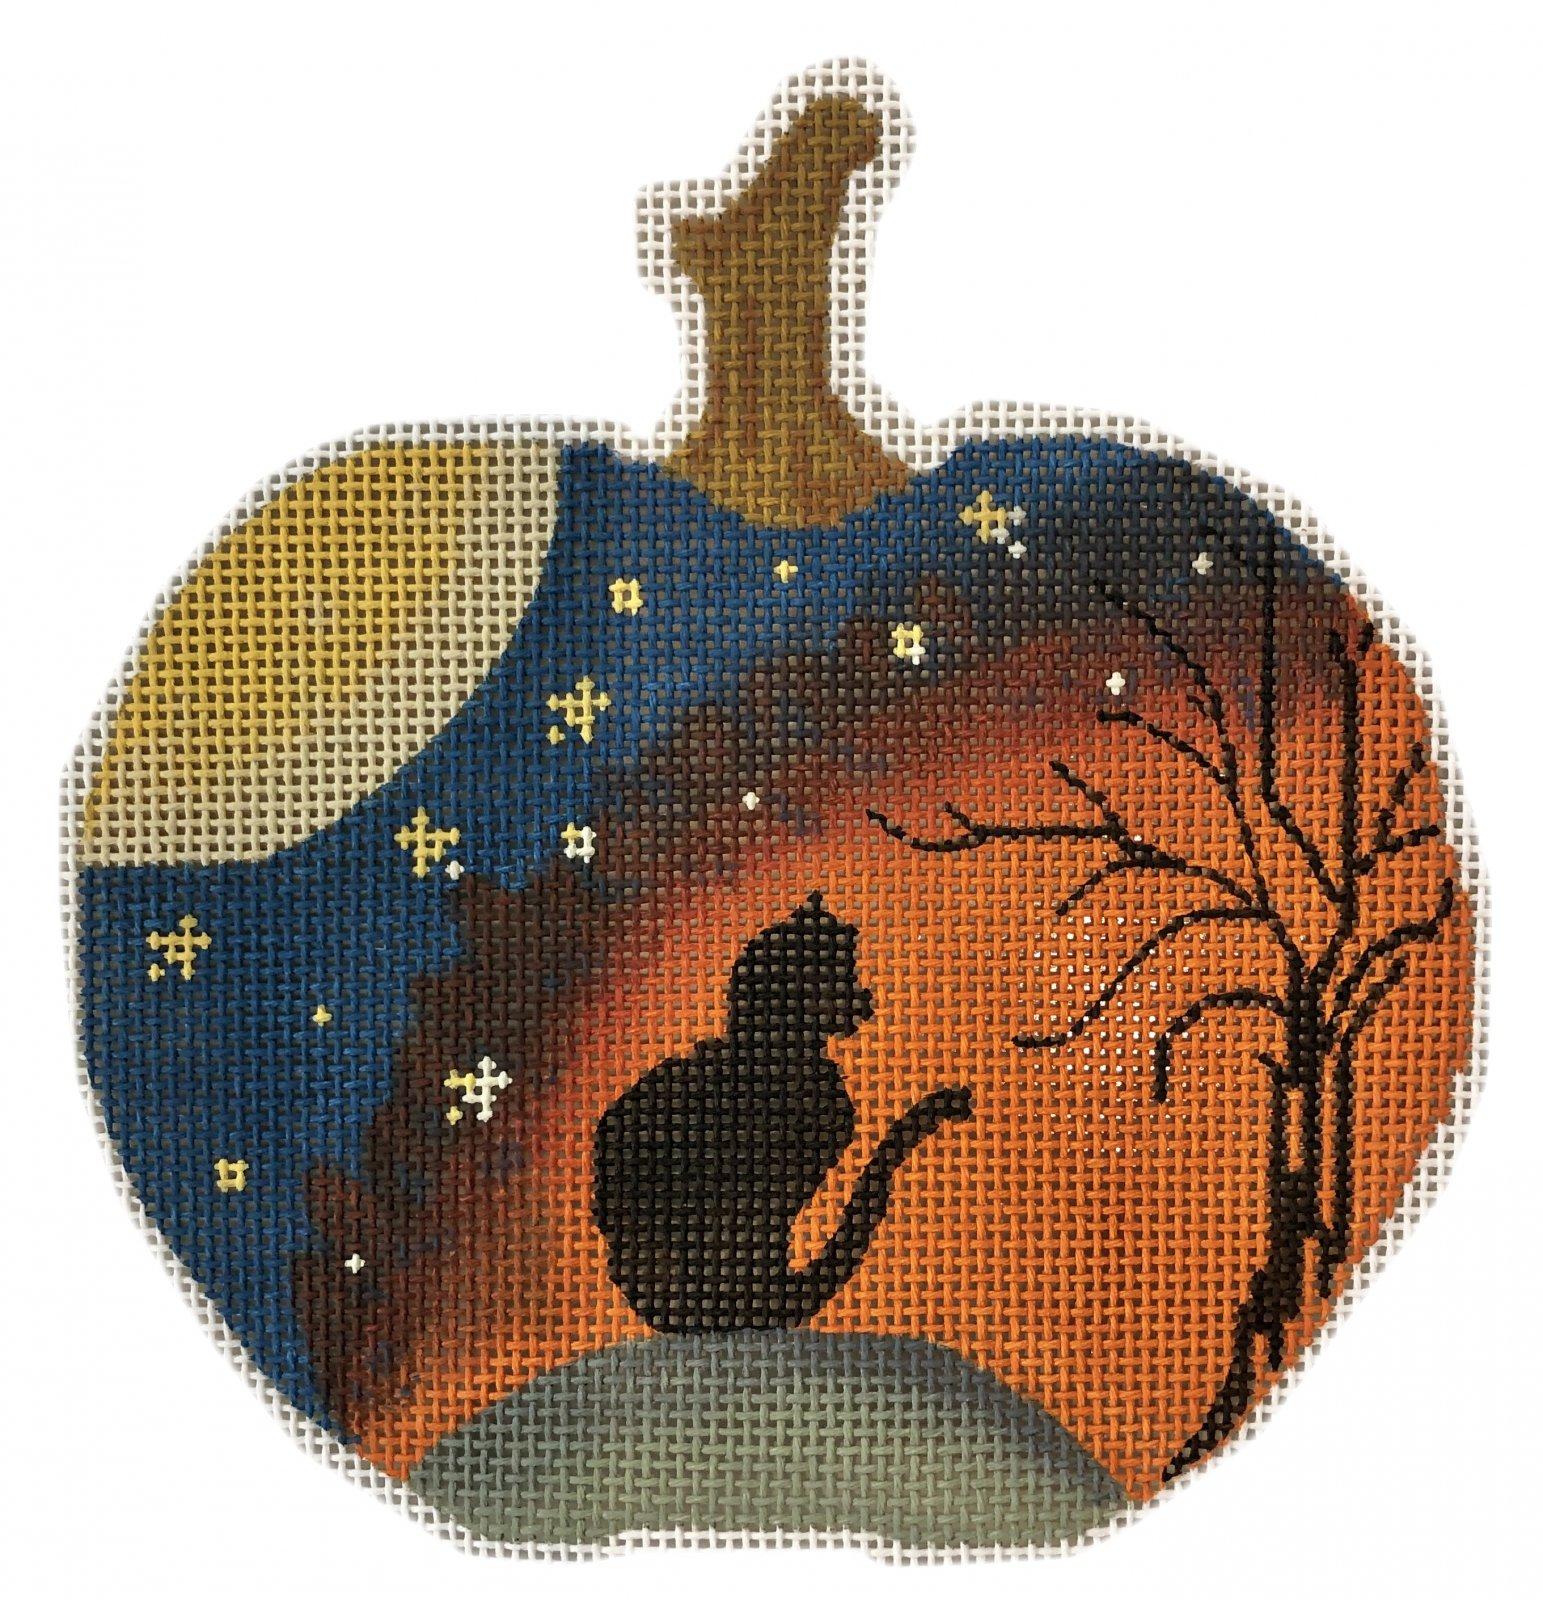 PC-Black Cat Silhoutte Pumpkin 4.75 x 4.75  18M